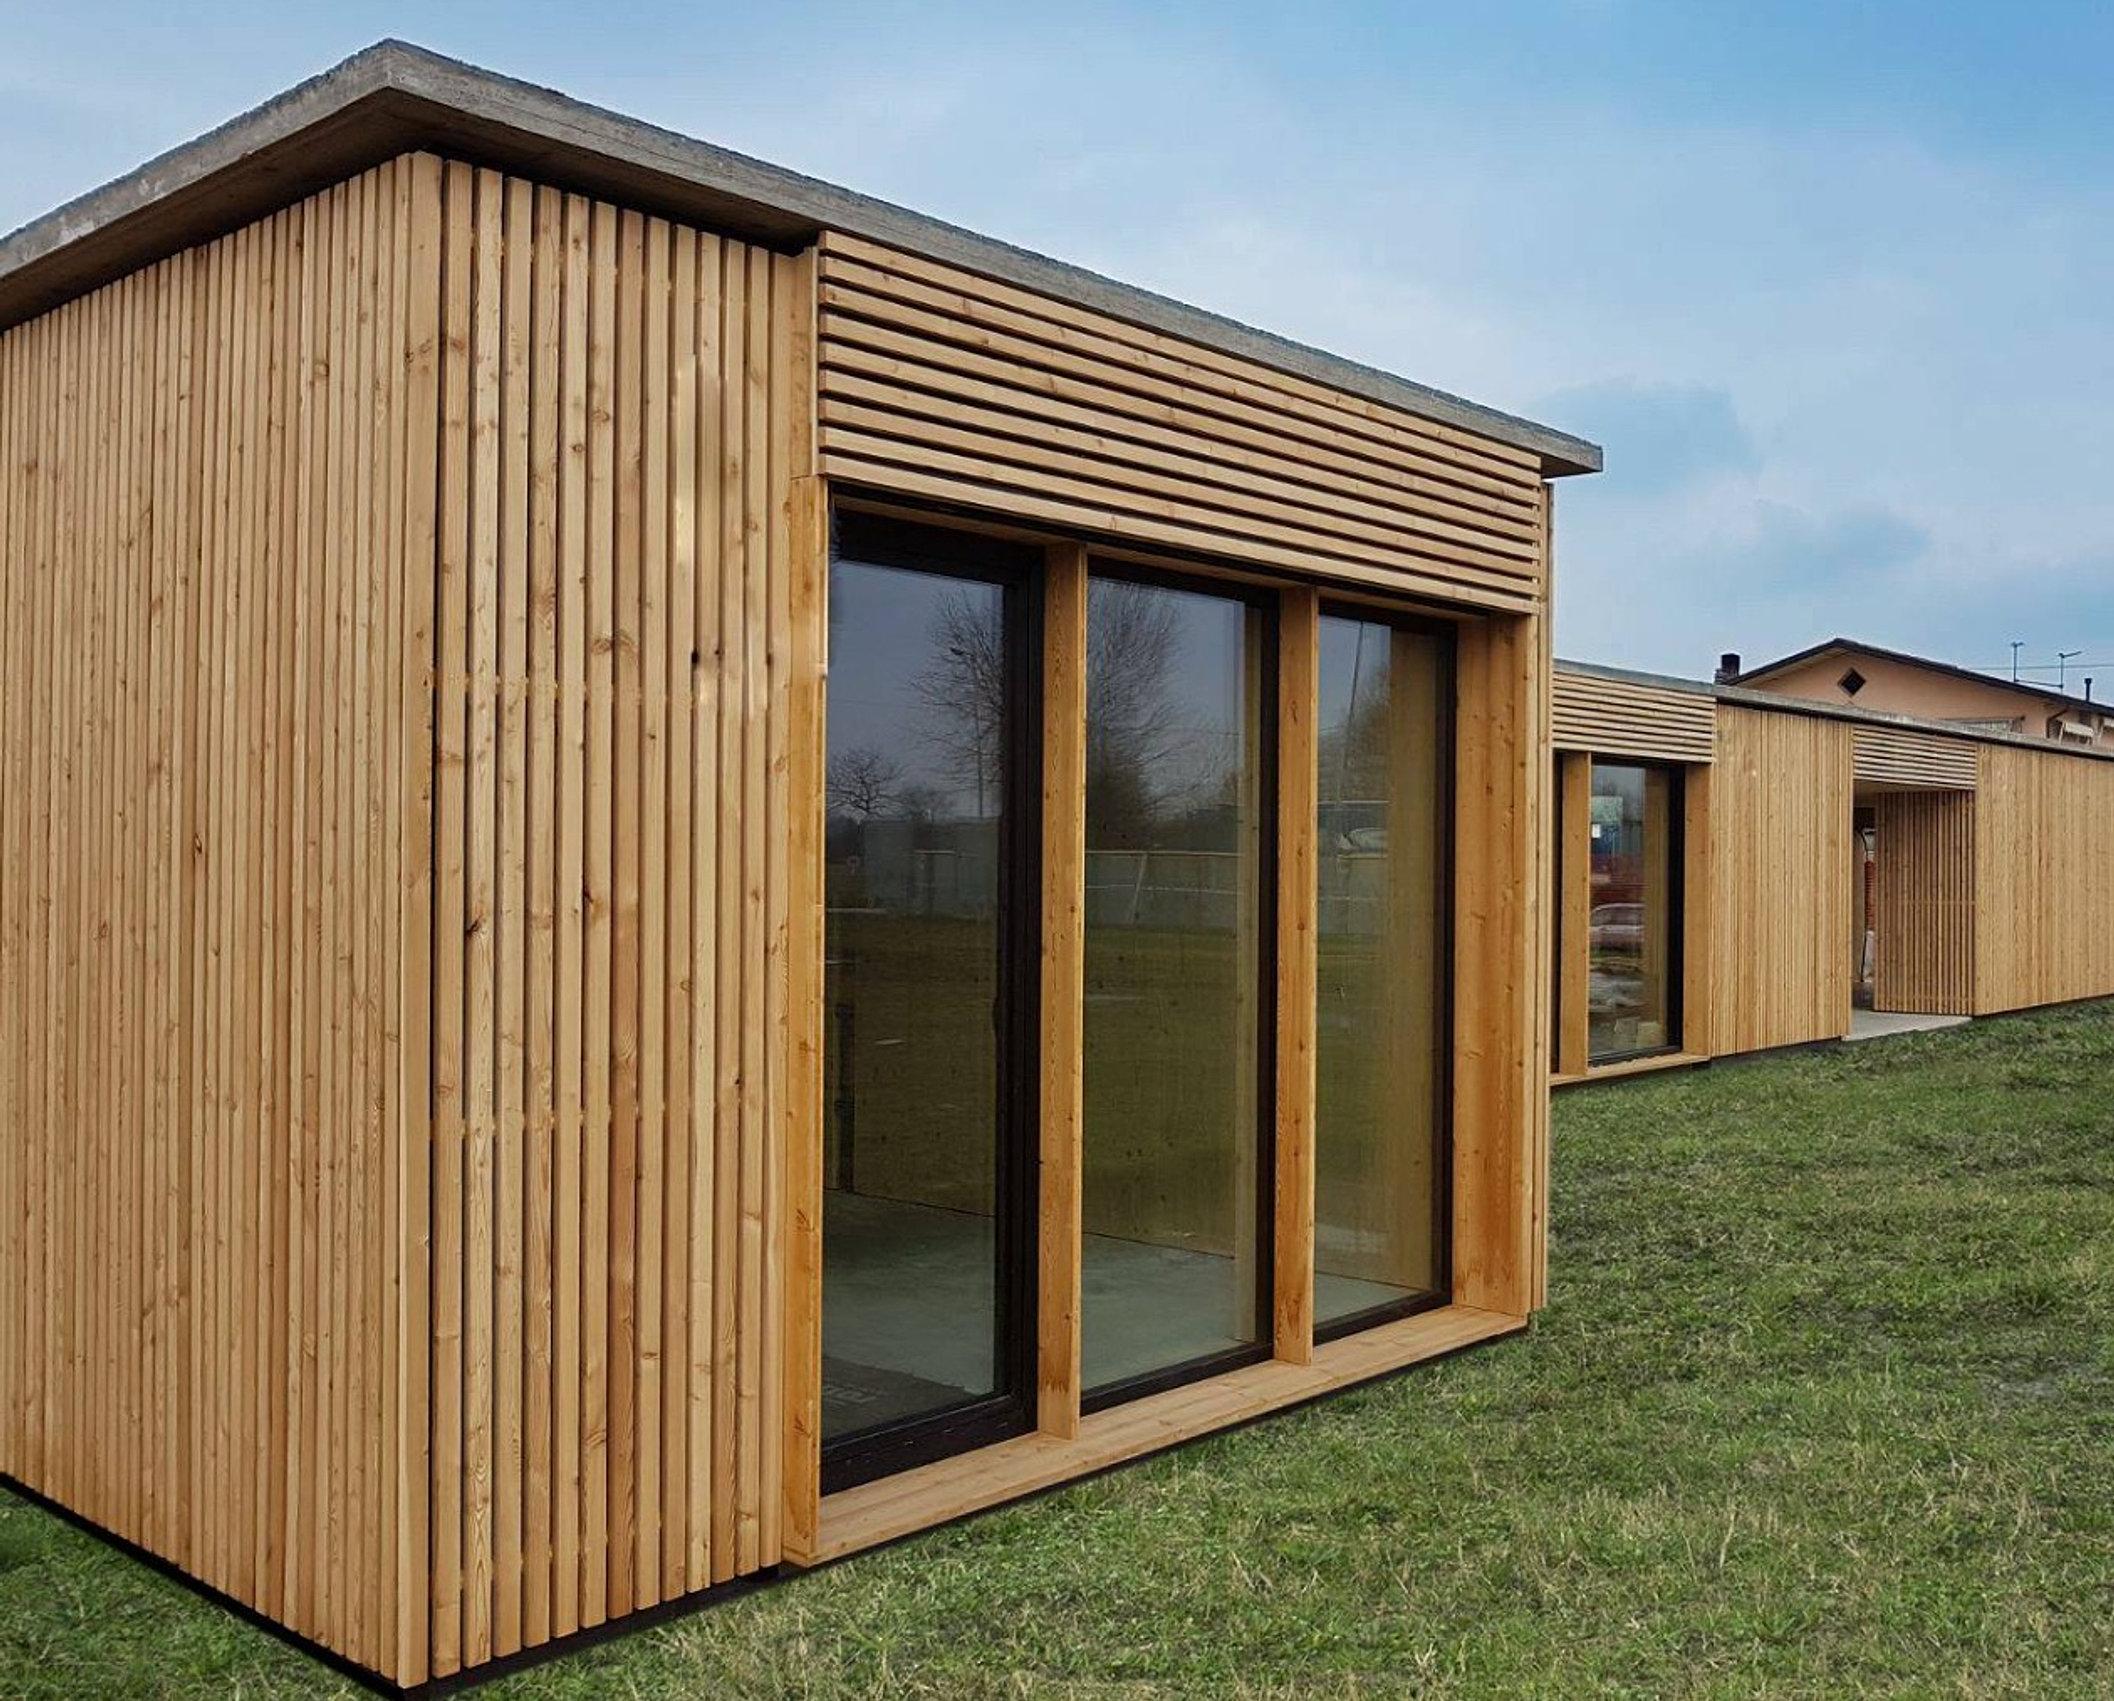 Prima Casa Passiva la tua casa passiva prefabbricata in legno a Verona